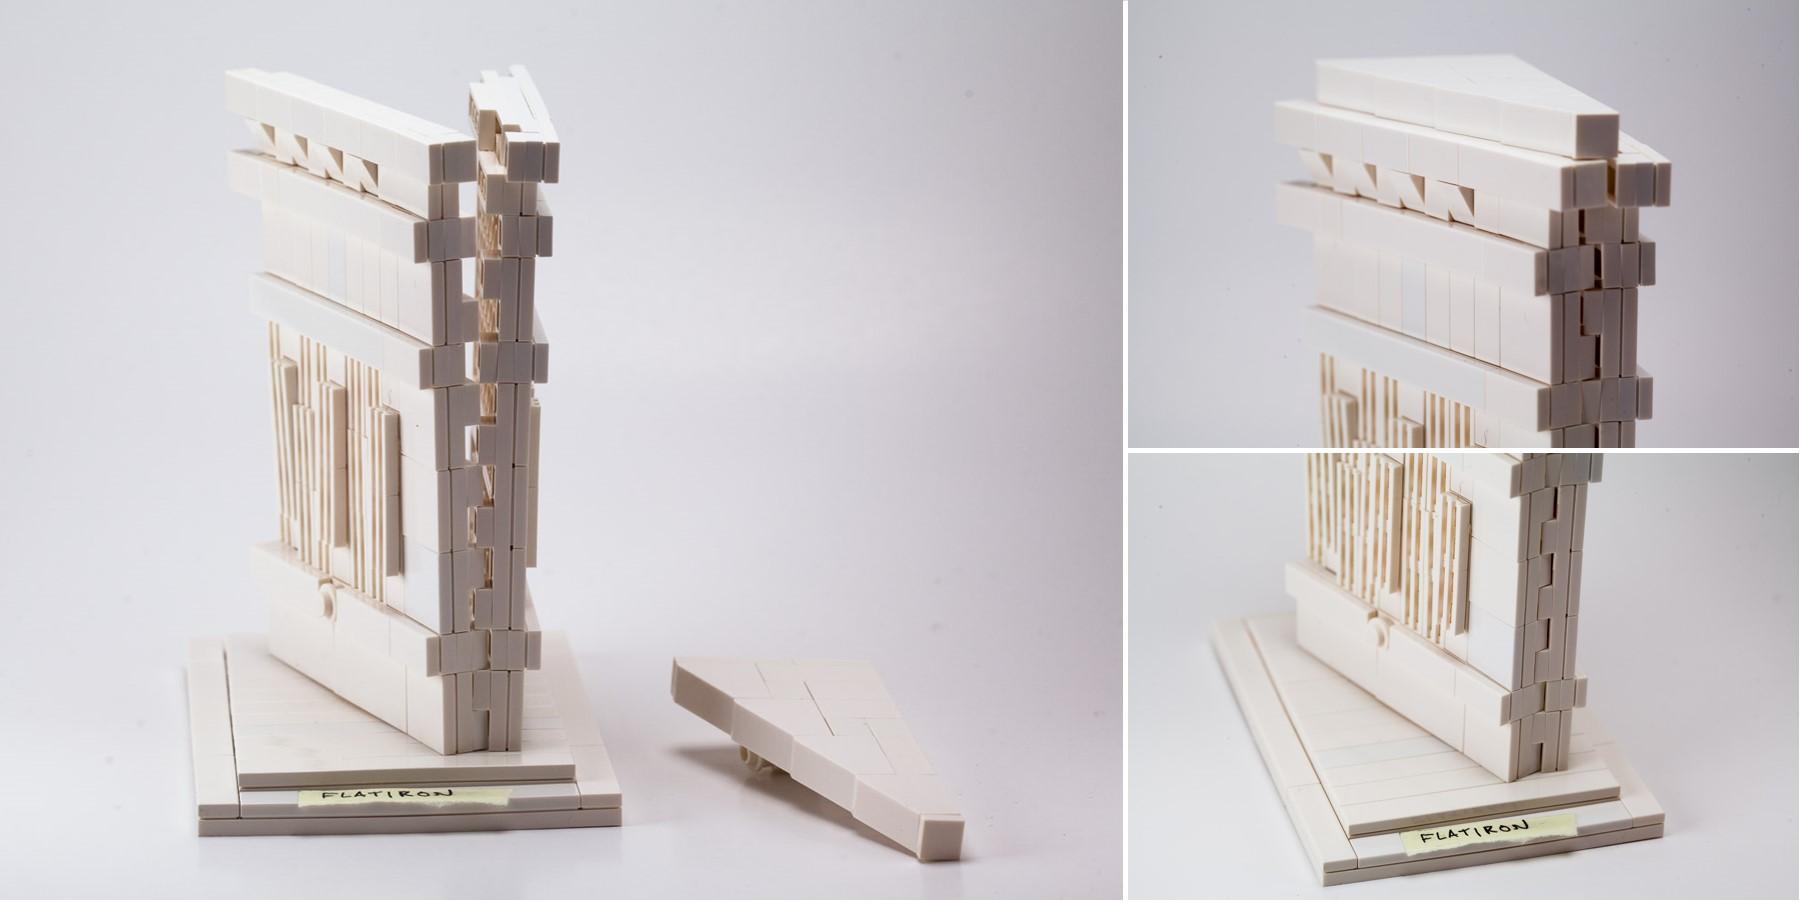 Architecture Studio Lego lego – page 2 – tom alphin